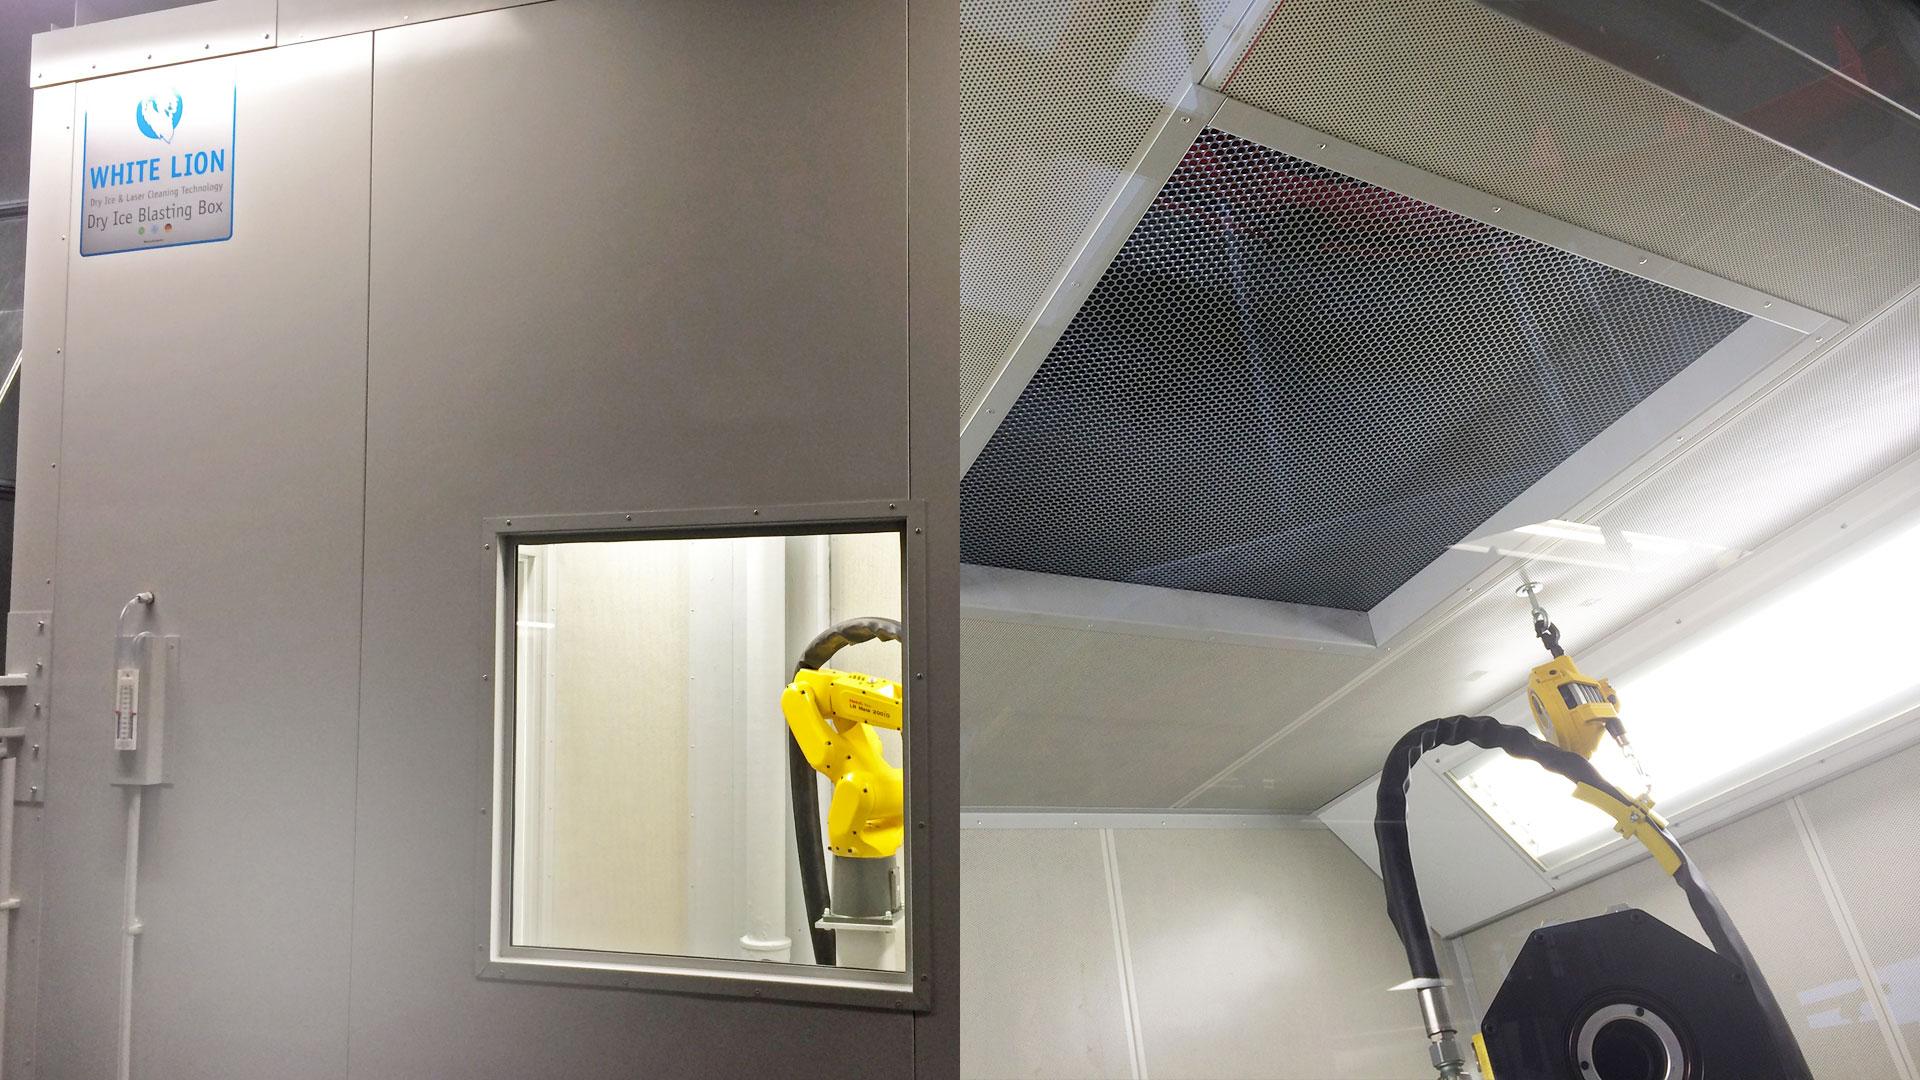 Dry Ice Blasting Box pozwala się wygodnie odizolować od hałasu produkcji urządzenia do czyszczenia suchym lodem.